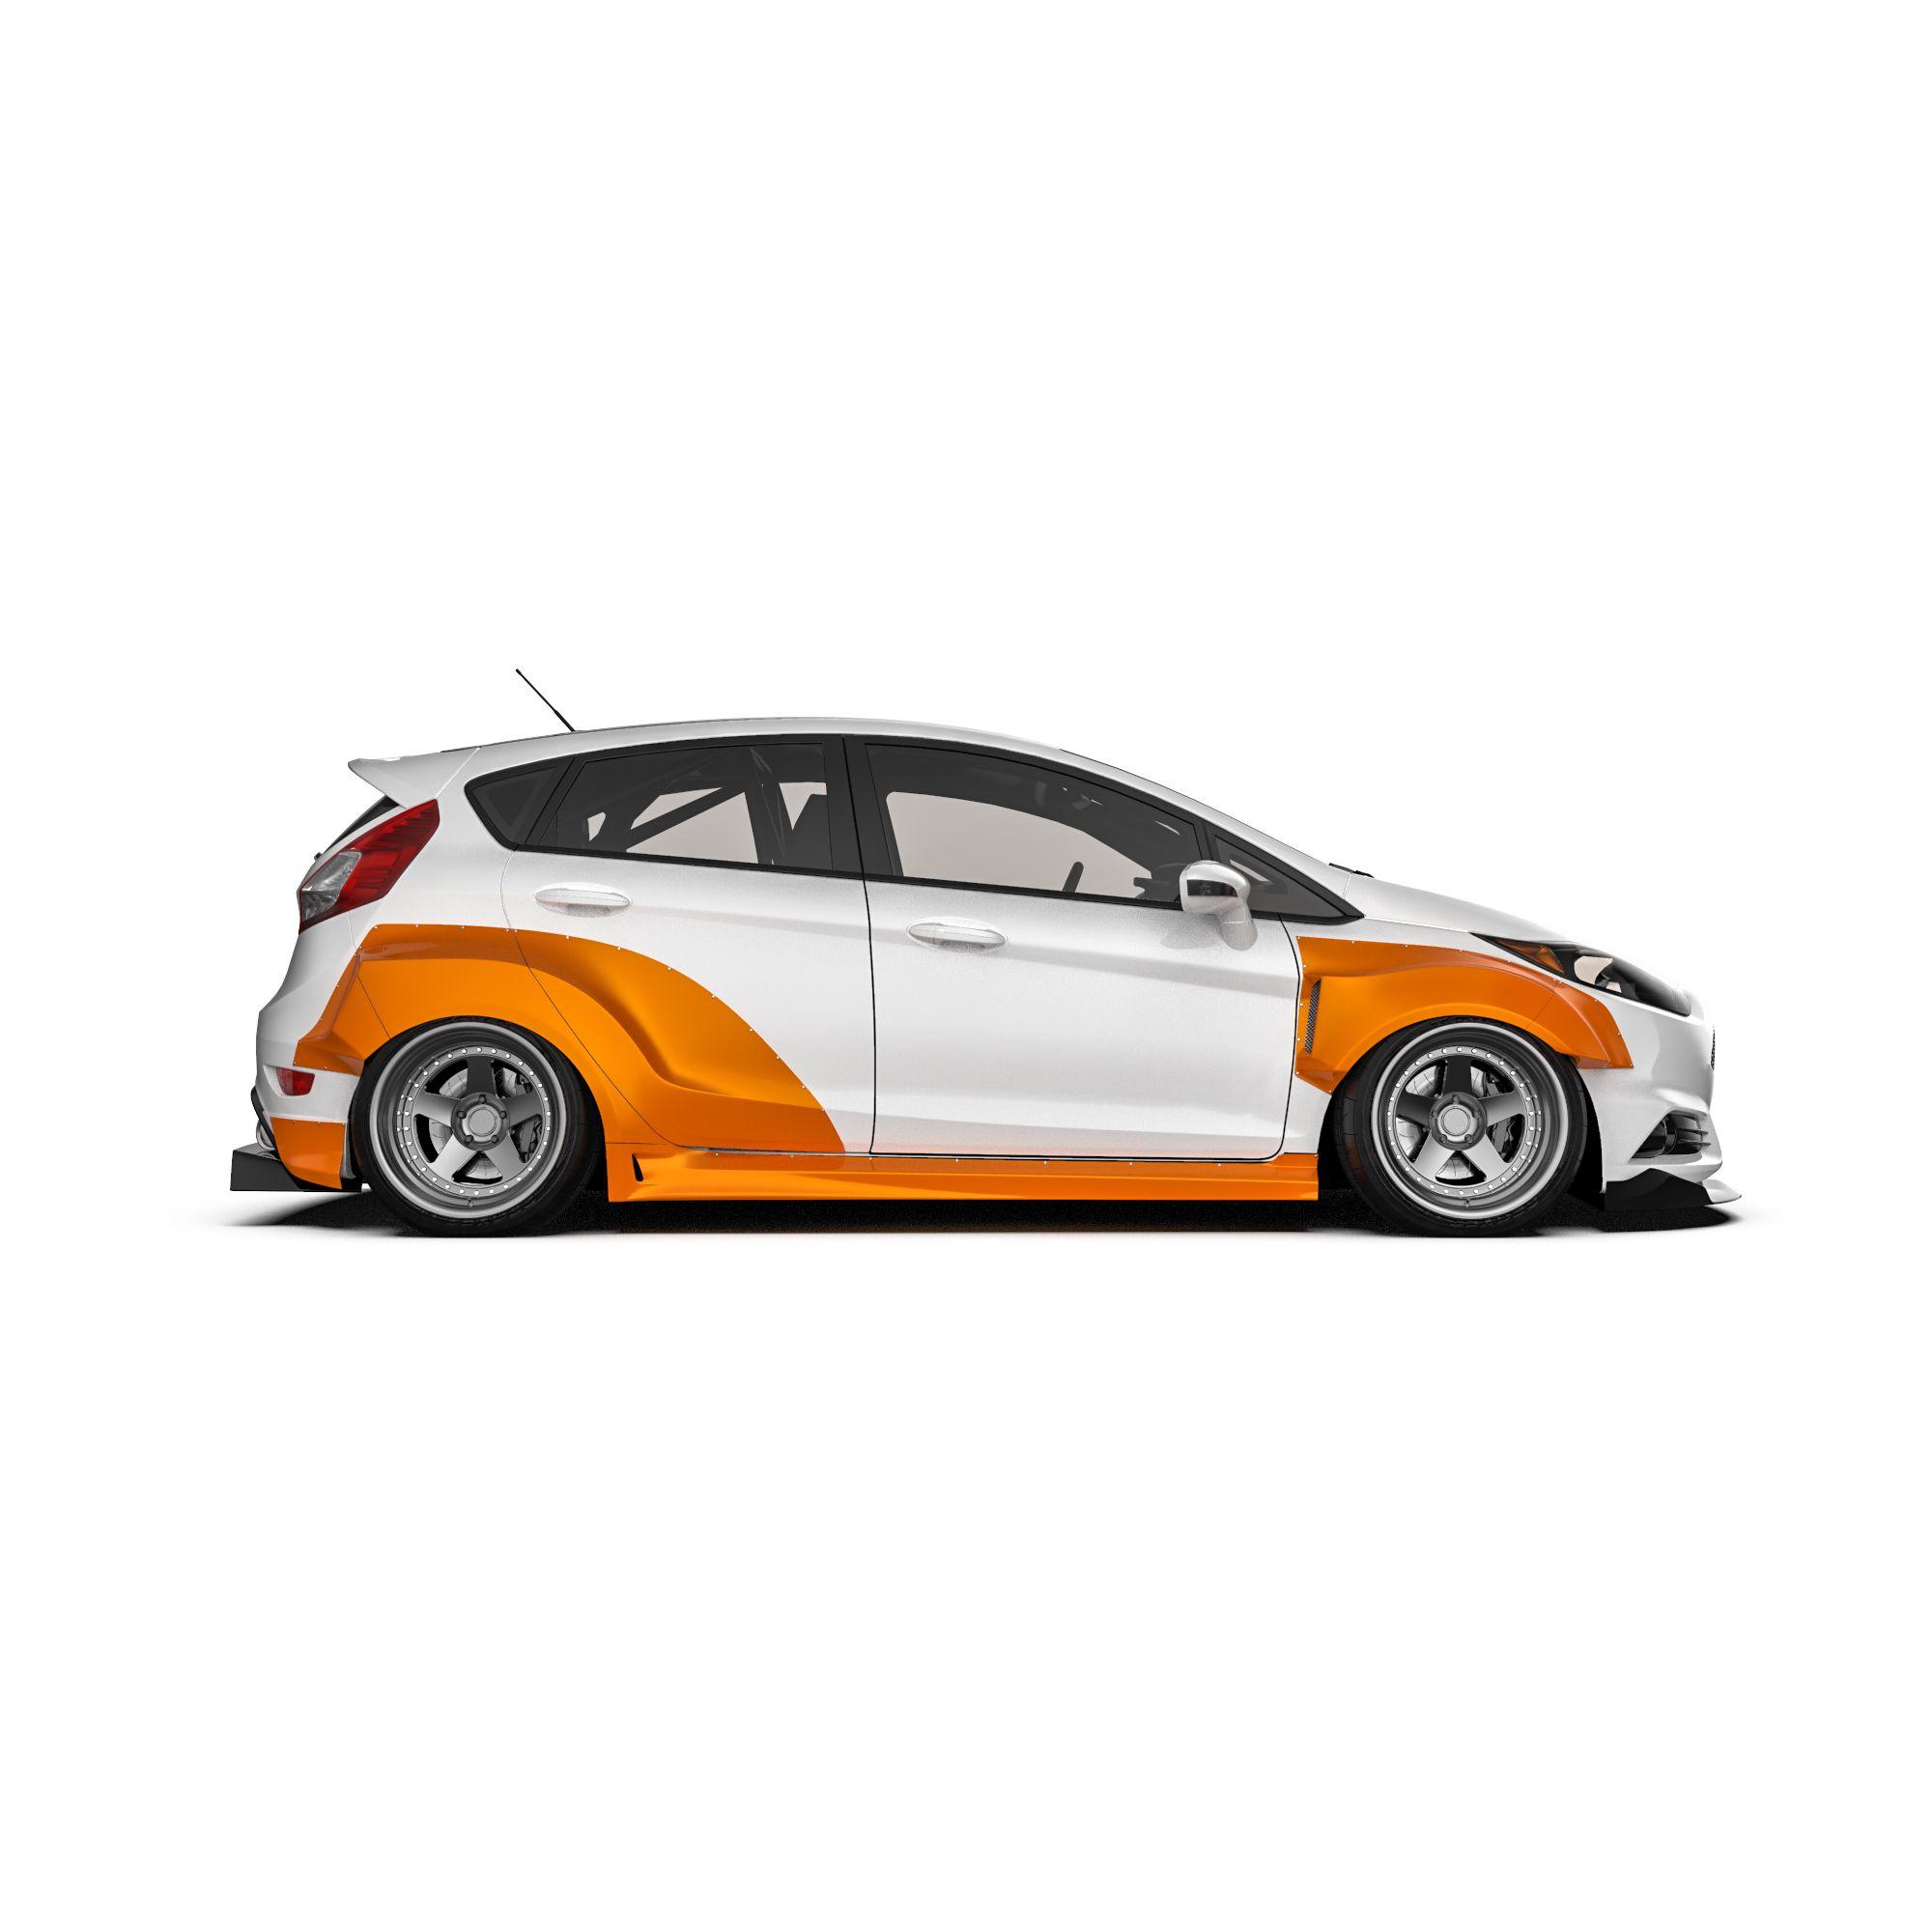 Ford Fiesta Mk7 5dr Wide Body Kit Krotov Pro In 2020 Wide Body Kits Body Kit Ford Fiesta